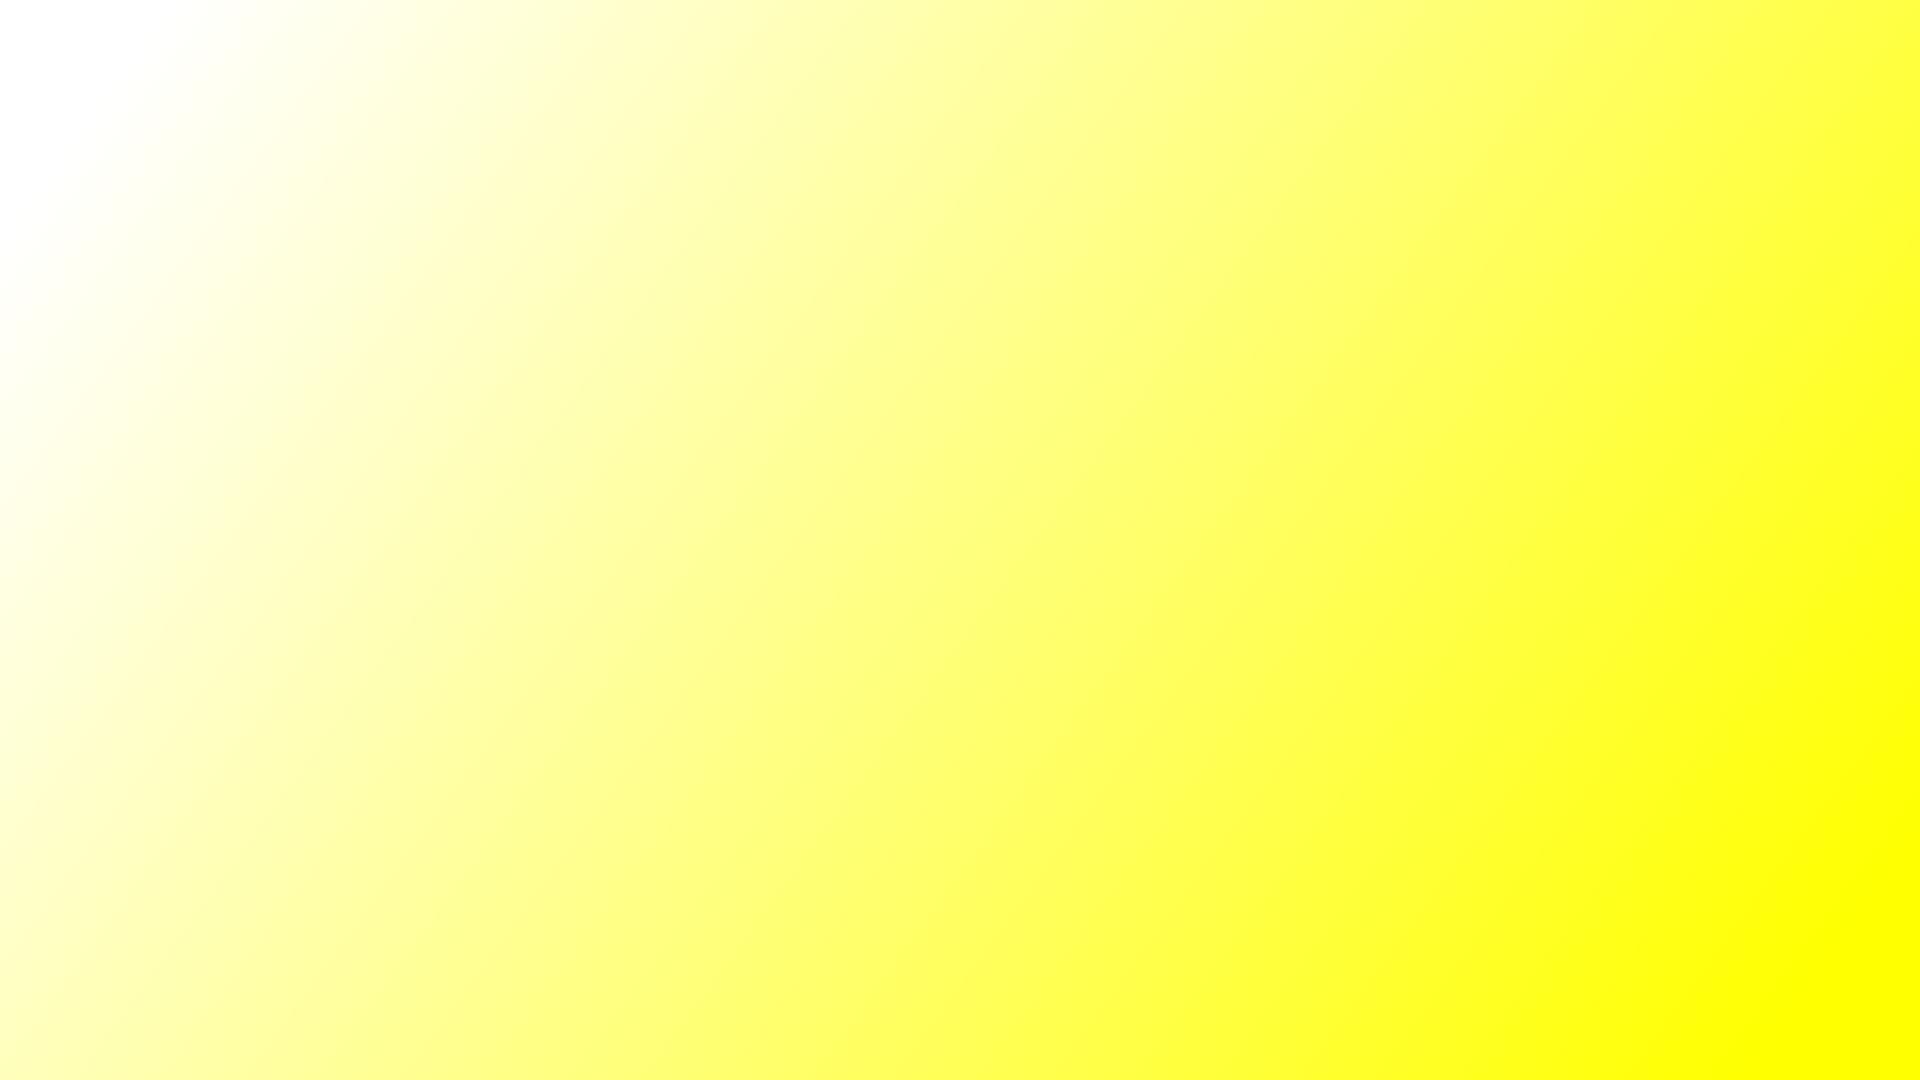 白色と黄色のグラデーション 壁紙 画像 エムズライファー